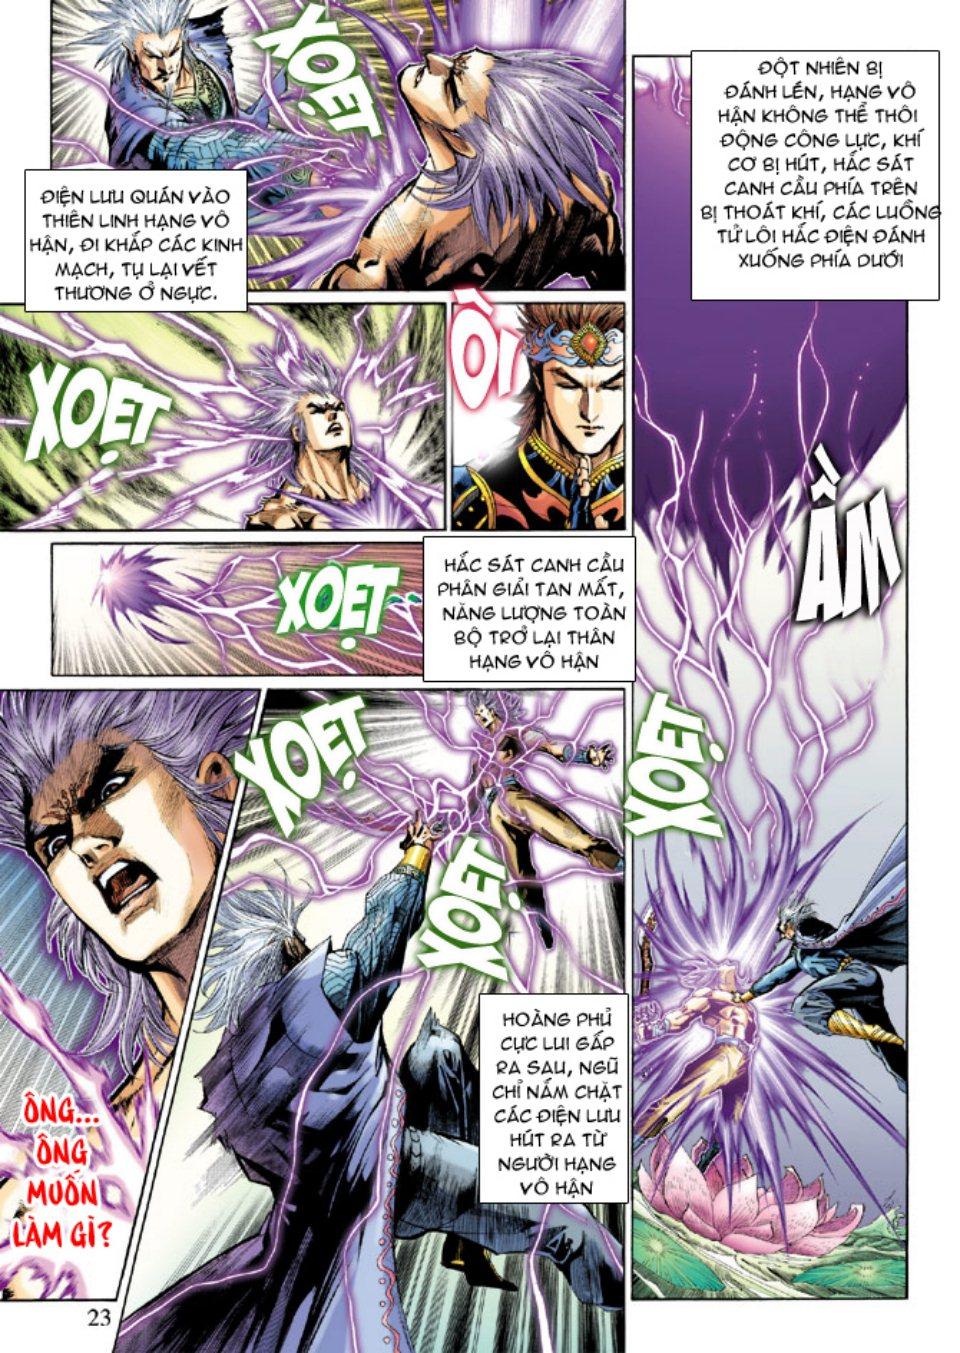 Thiên Tử Truyền Kỳ 5 – Như Lai Thần Chưởng chap 214 – End Trang 22 - Mangak.info